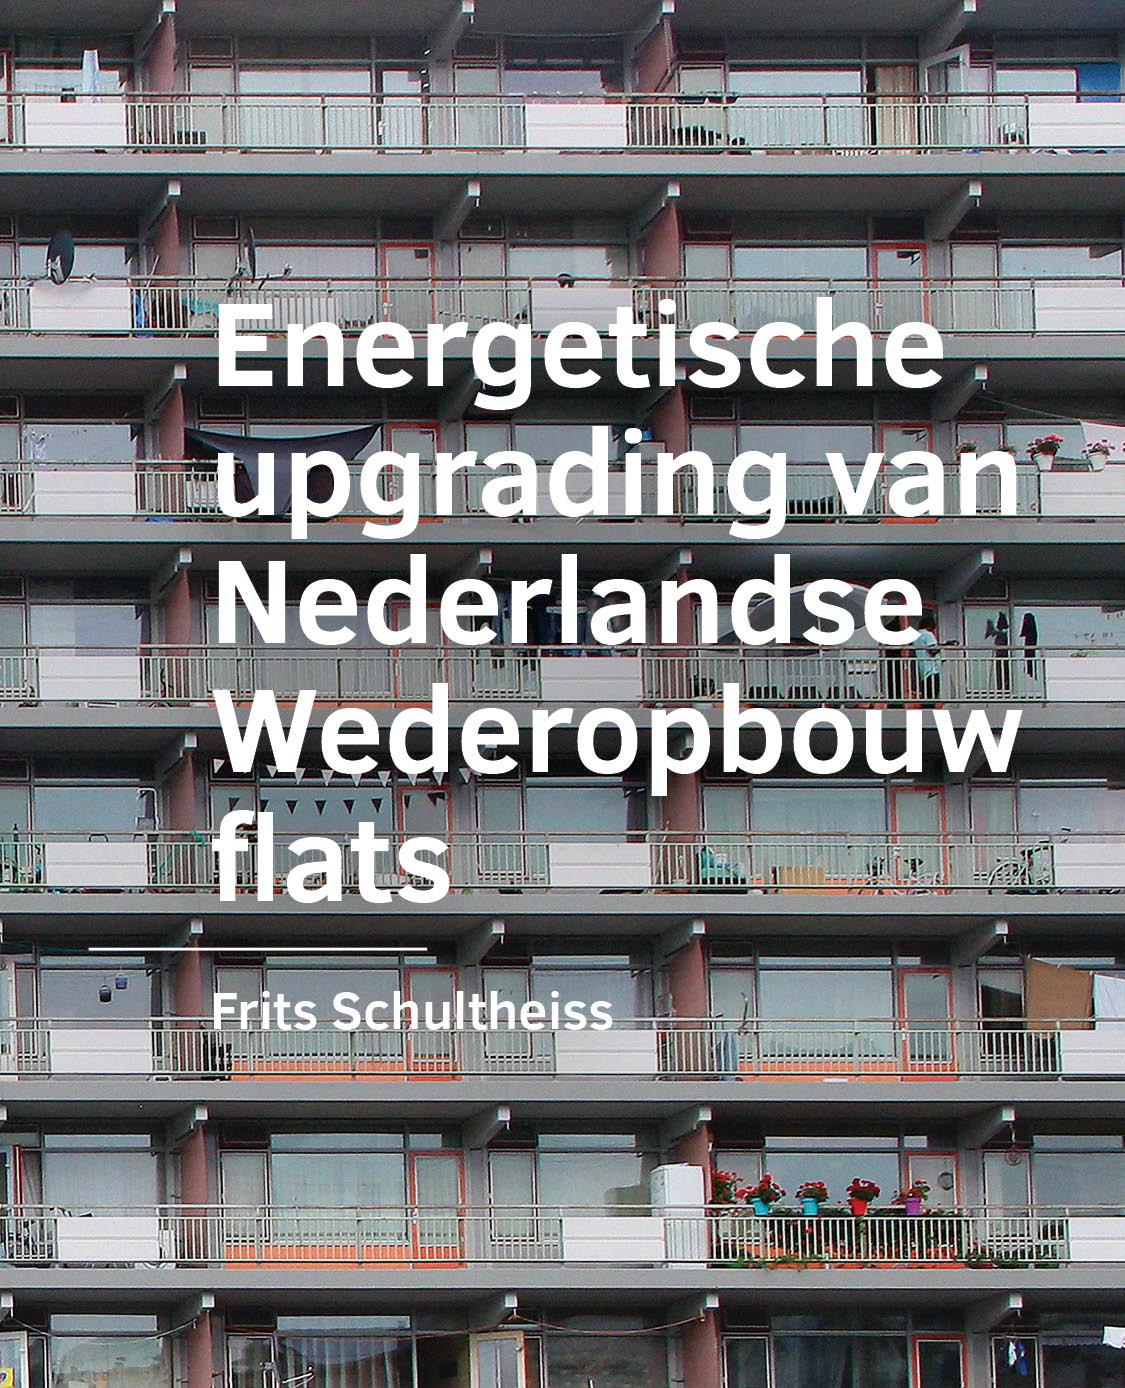 View No. 12 (2020): Energetische upgrading van Nederlandse Wederopbouw flats